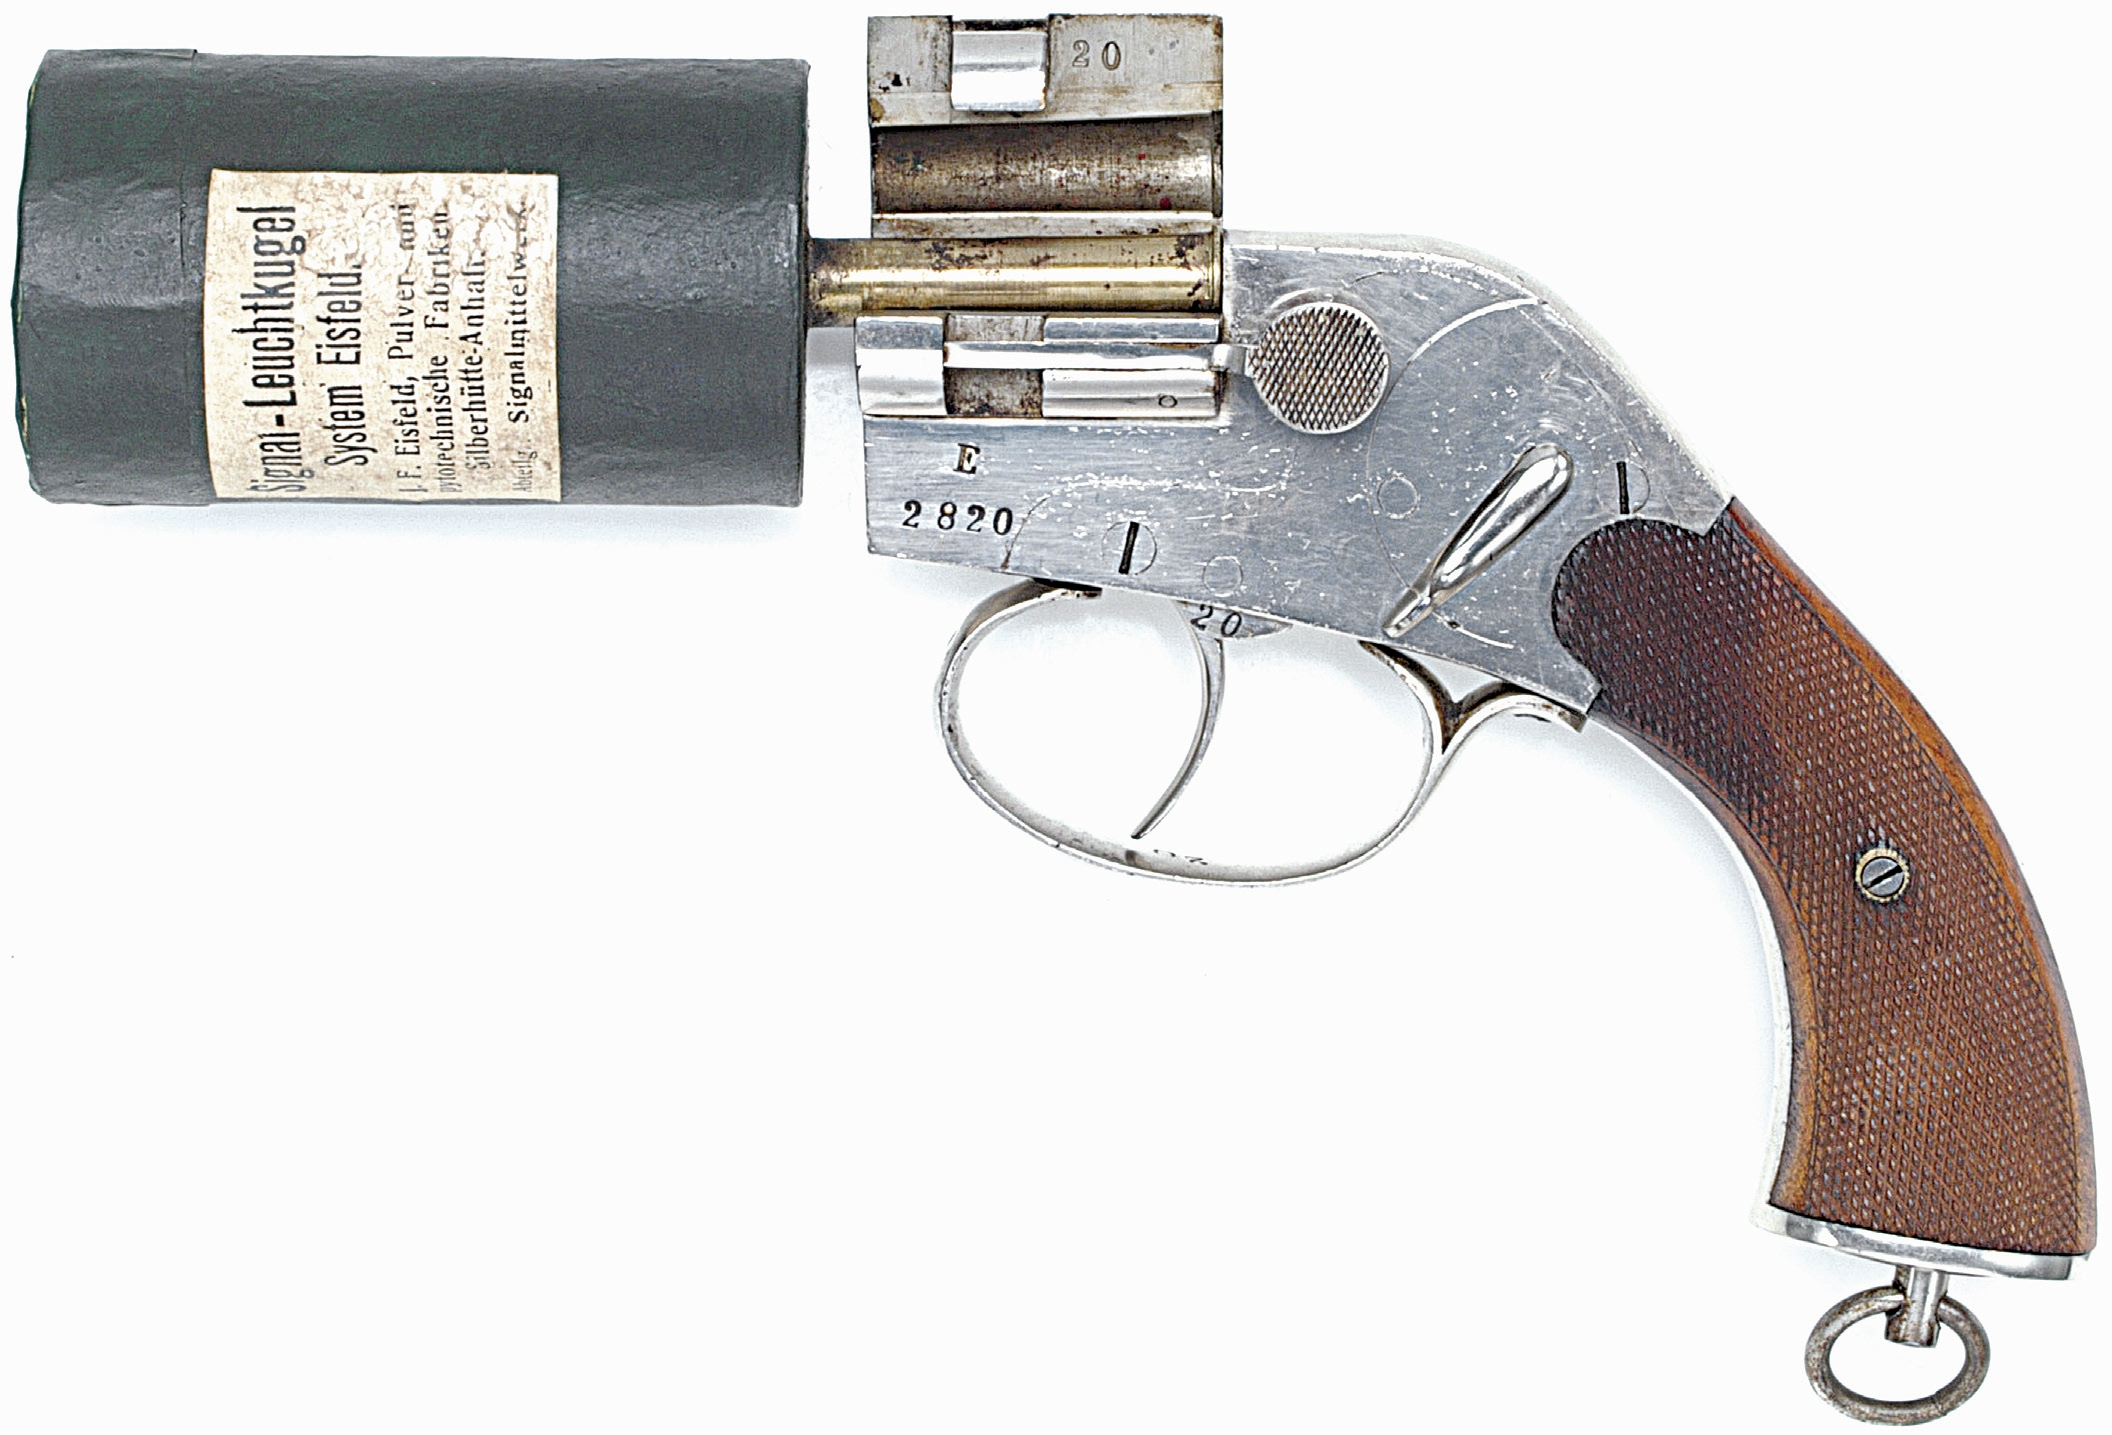 Produit pour l'aviation à partir de 1915, le pistolet allemand modèle « Eisfeld » se démarque par la conception très particulière de sa cartouche, qui permet de tirer une charge volumineuse dans un pistolet de dimensions extrêmement réduites.